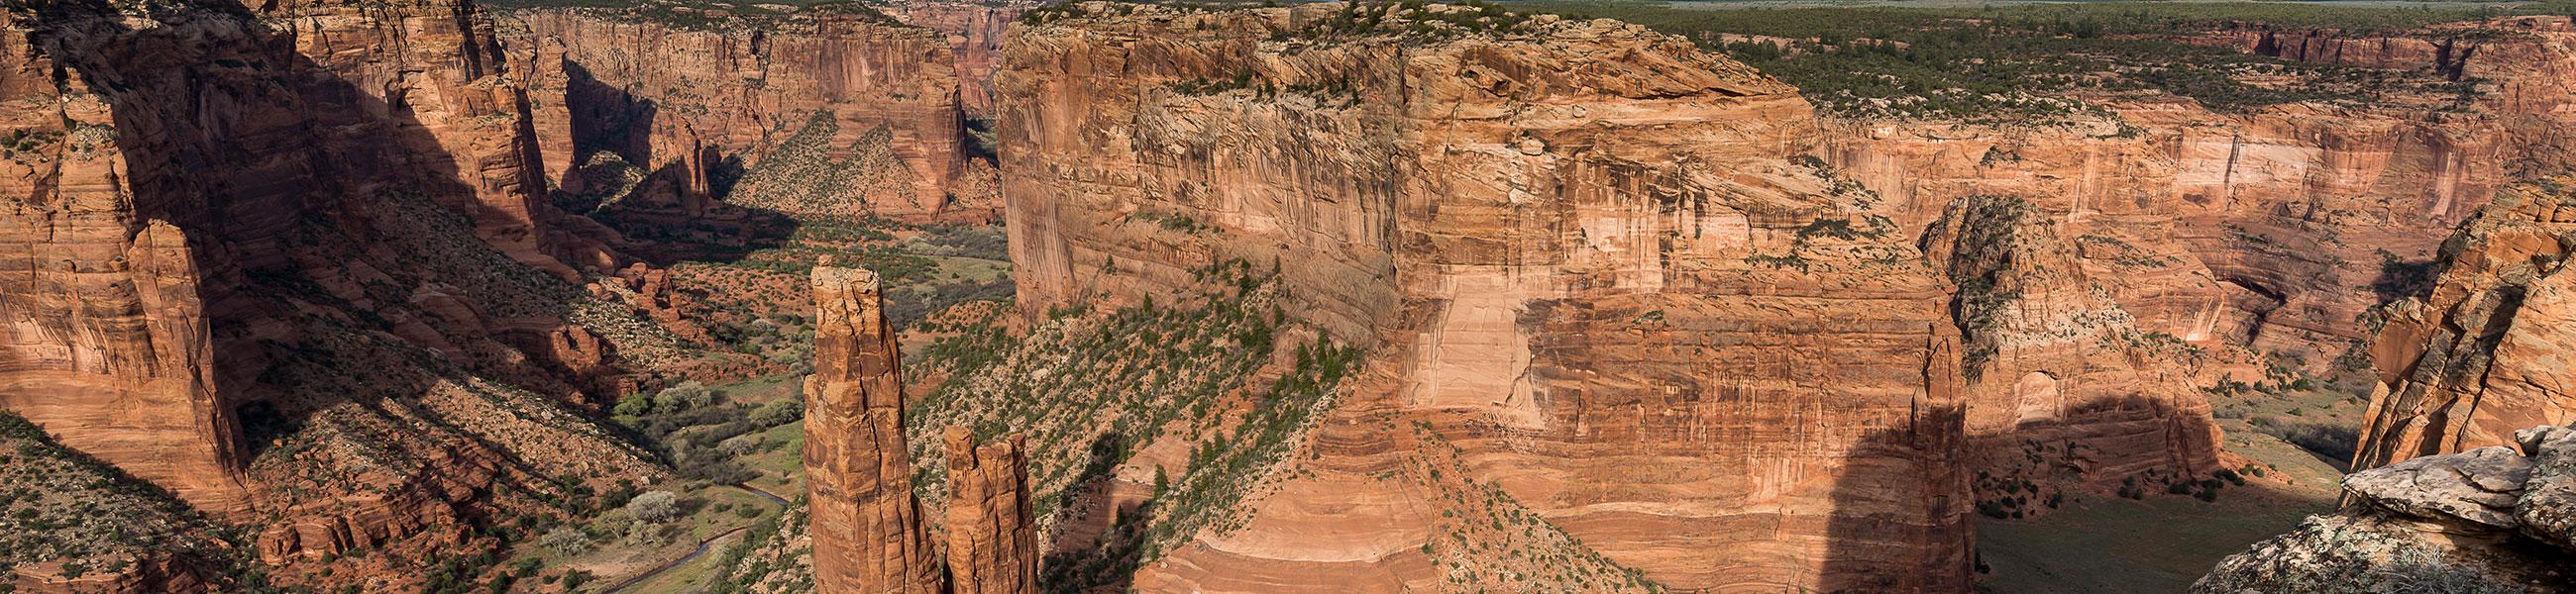 Spider Rock dans le Canyon de Chelly